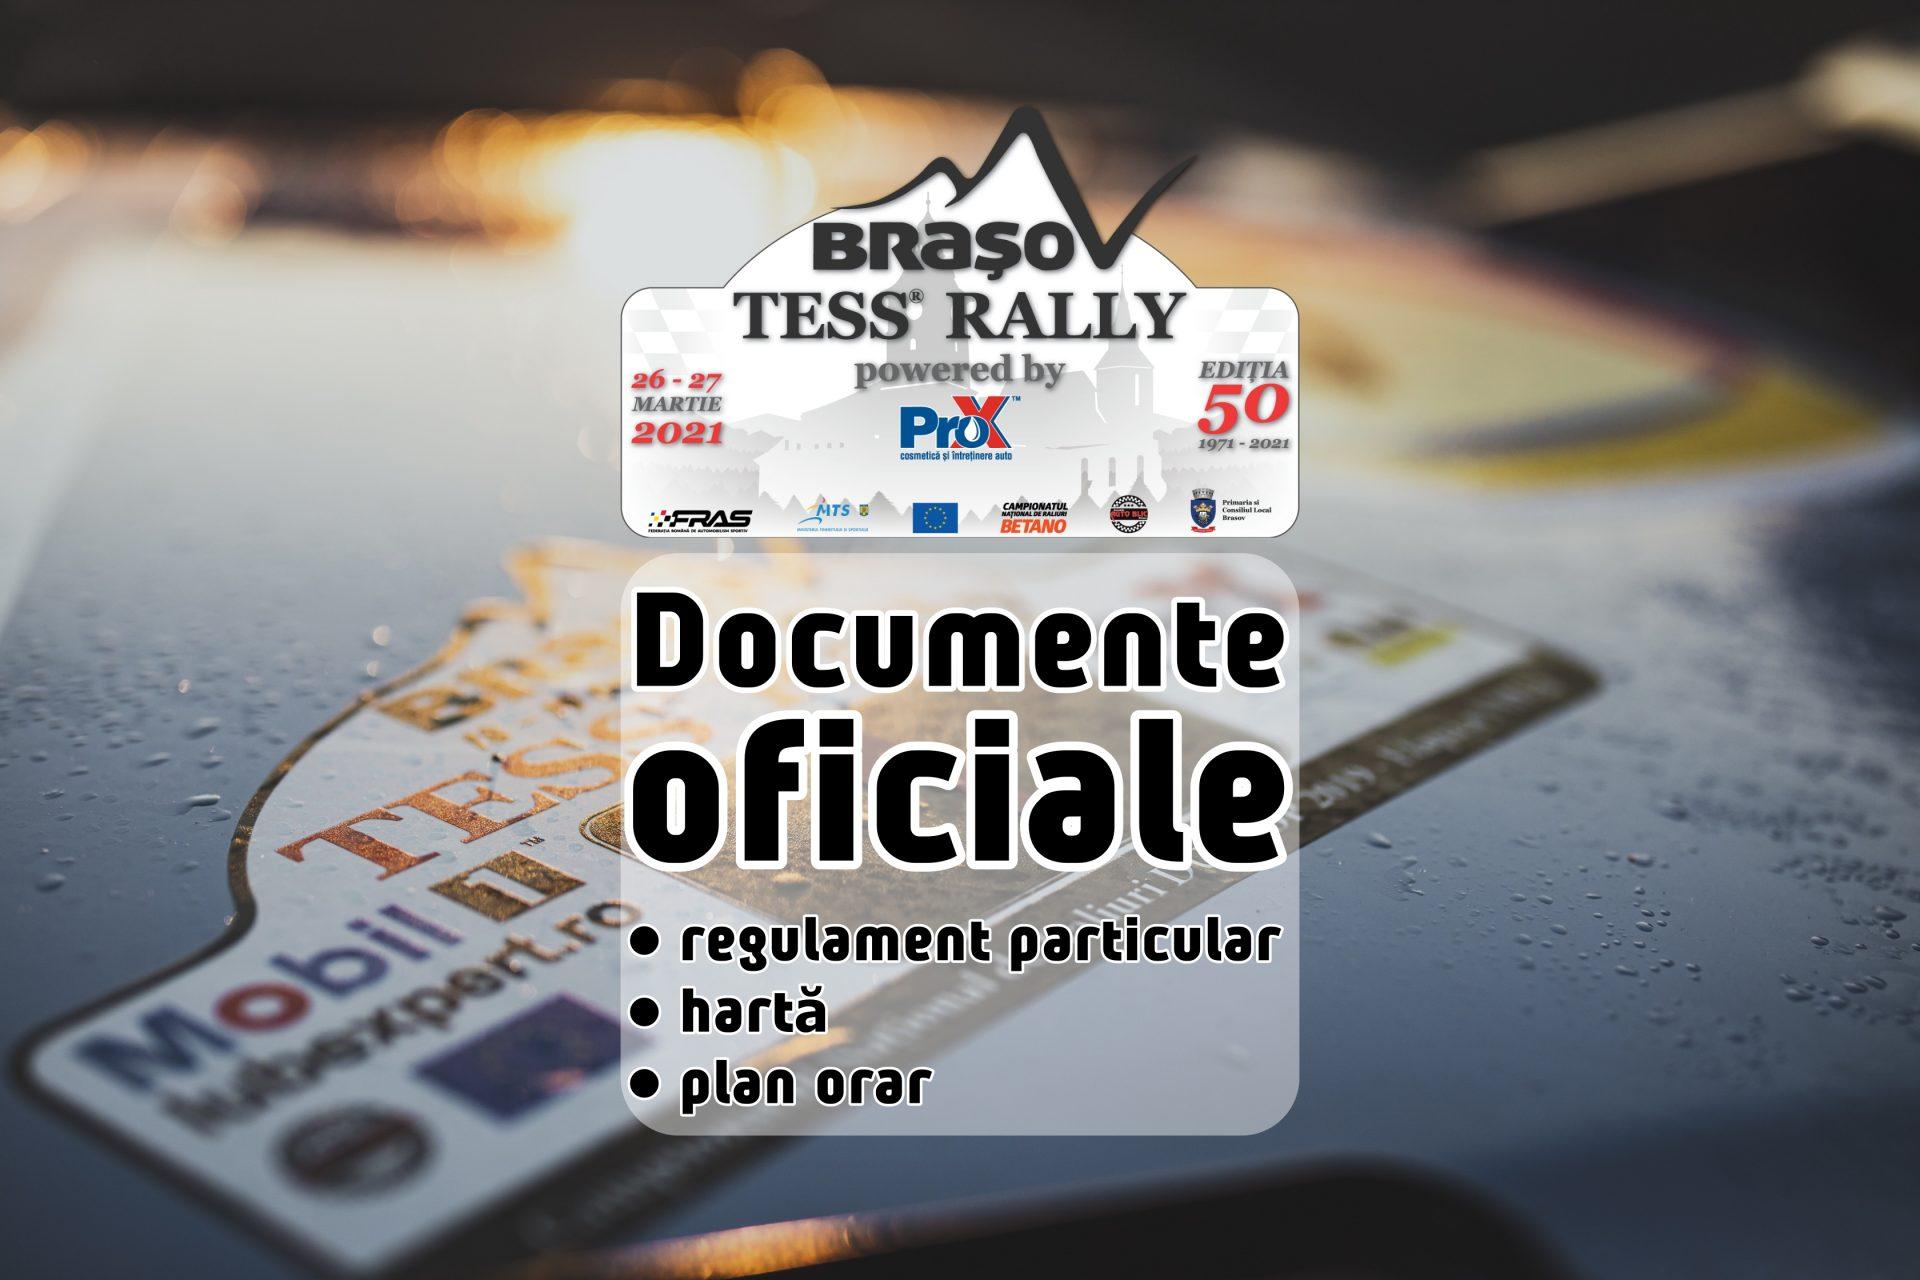 Tess Rally Brașov powered by ProX 2021 – Documente oficiale